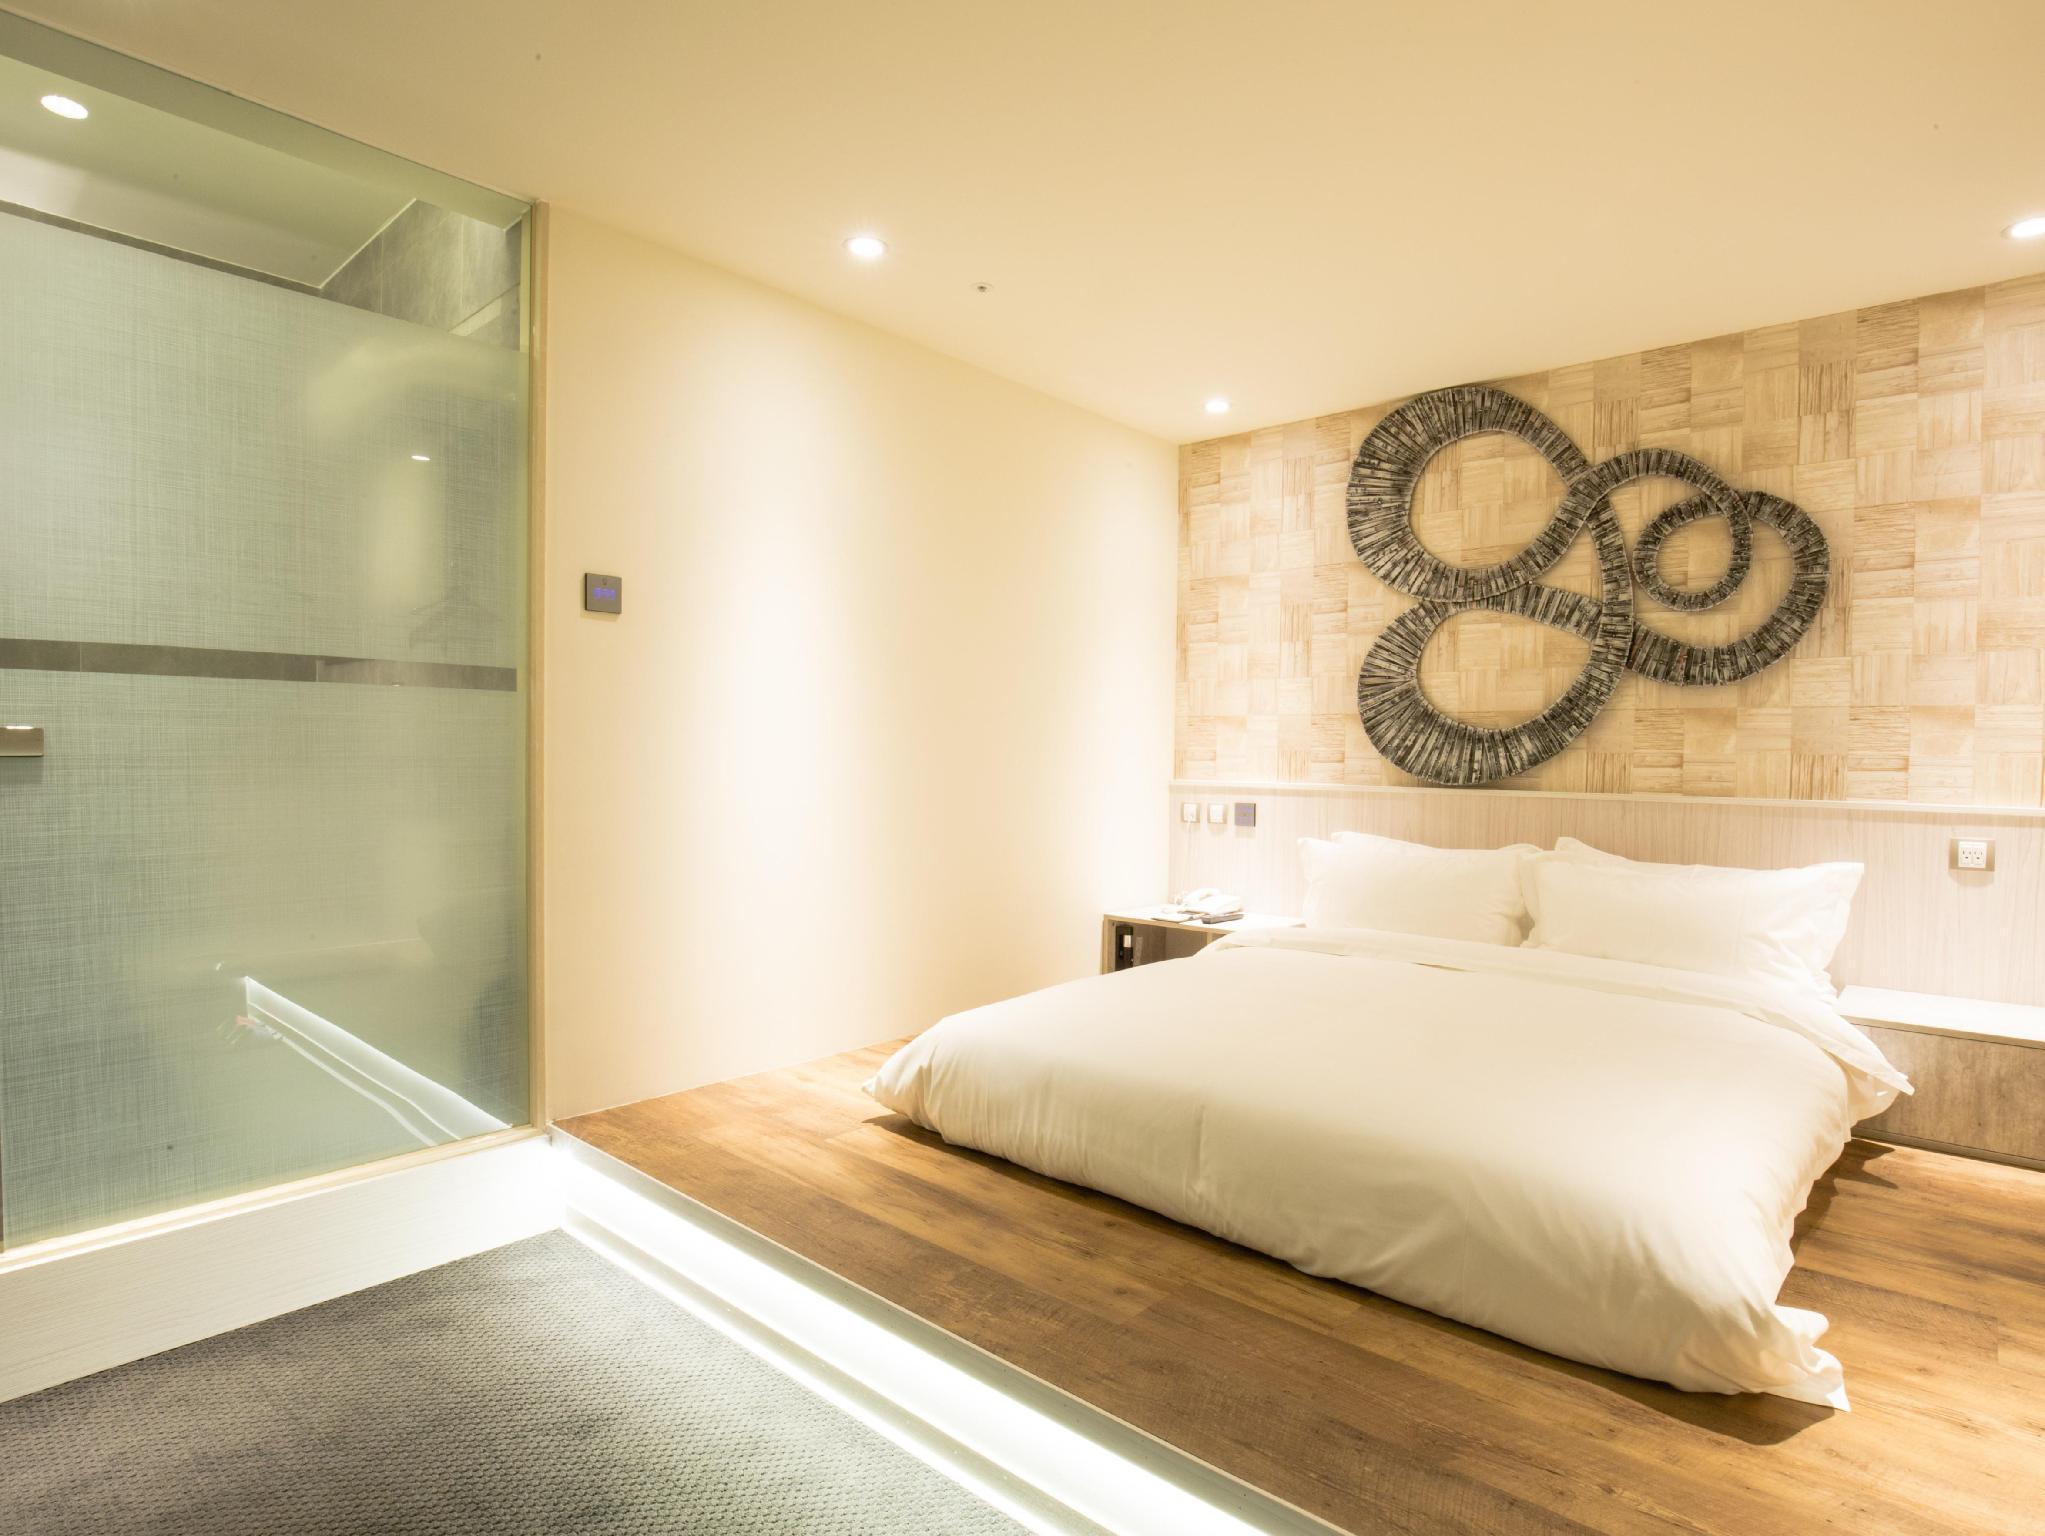 Hotel fun ximen taipei ximending taiwan hotels for Design ximen hotel ximending